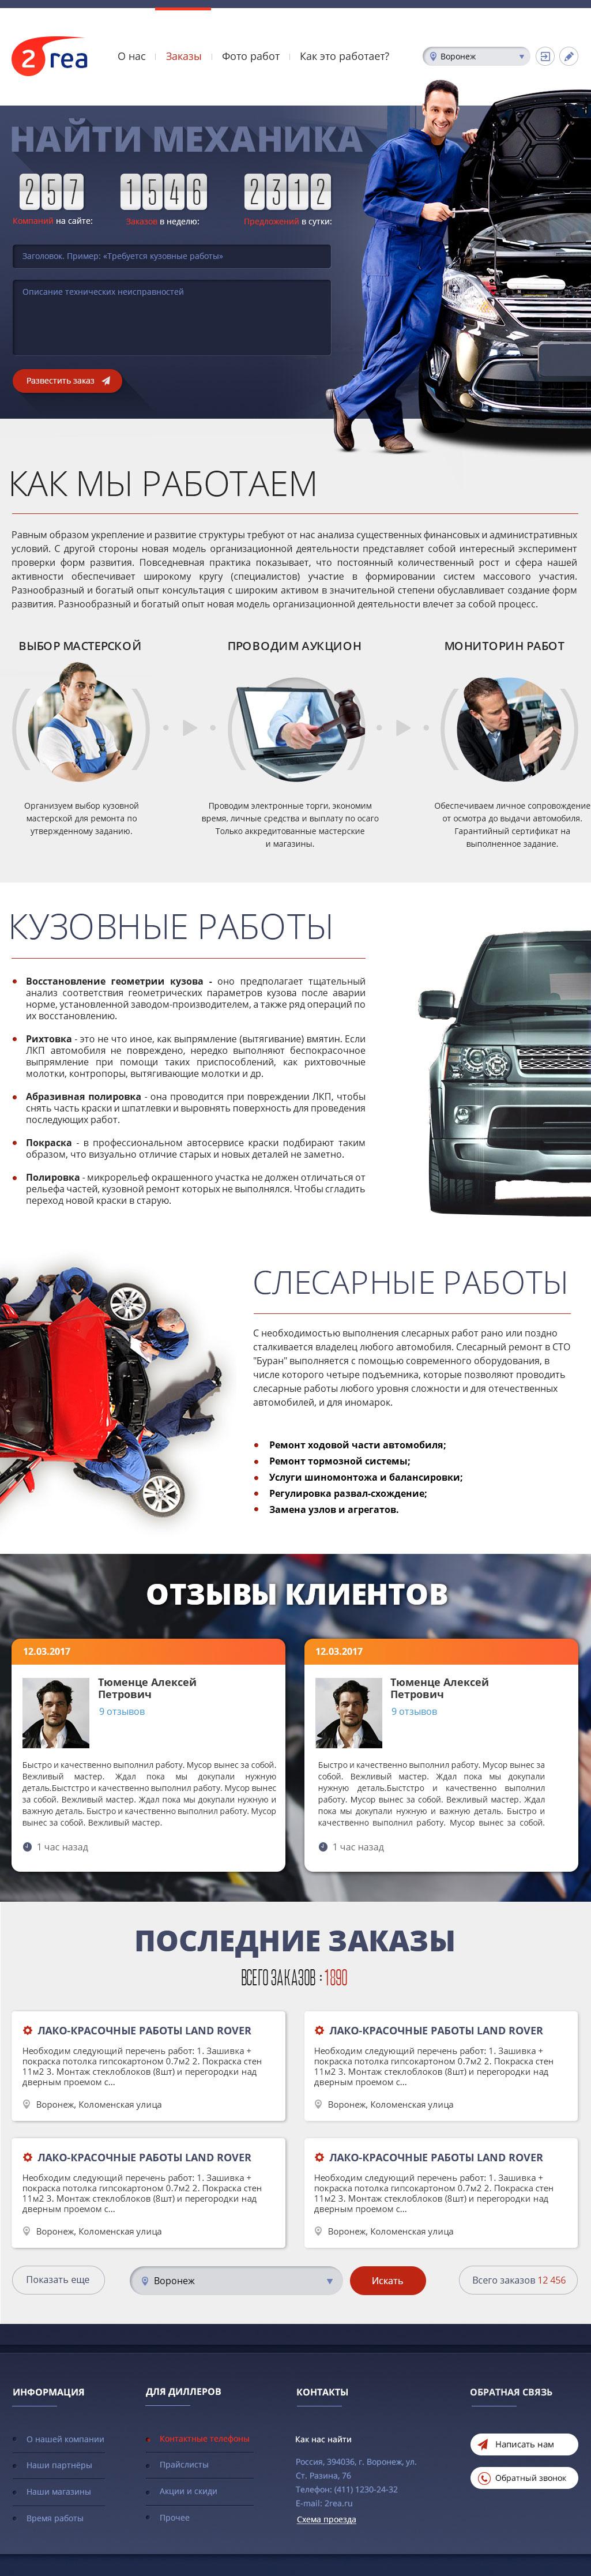 сайты транспорт пример 2rea.com 1000 px